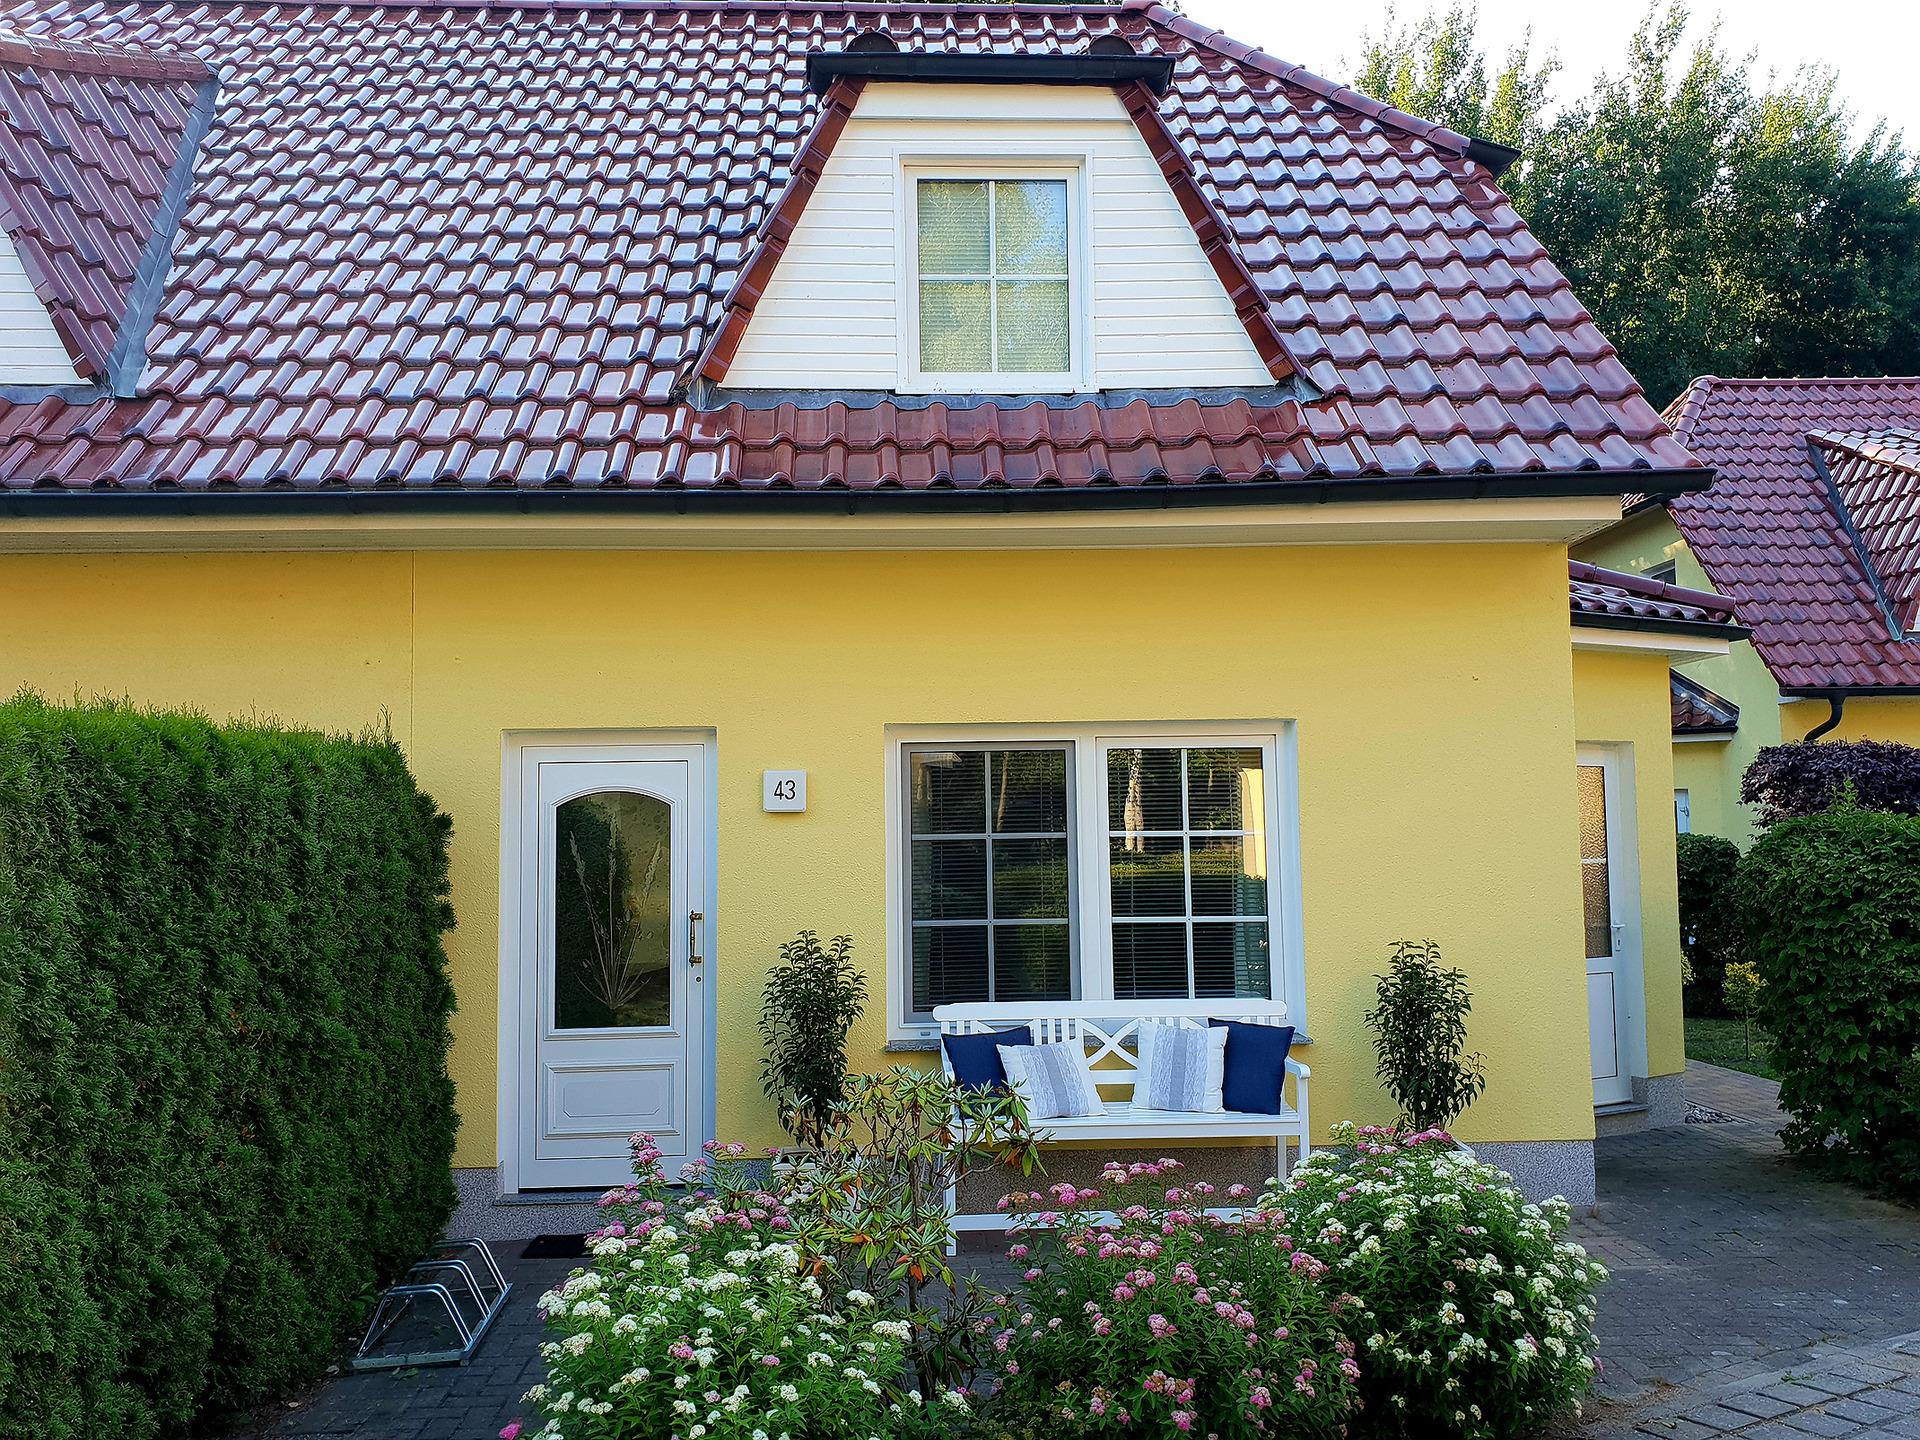 Am Deich 43 Zingst 71m² Ferienhaus für 4 Personen